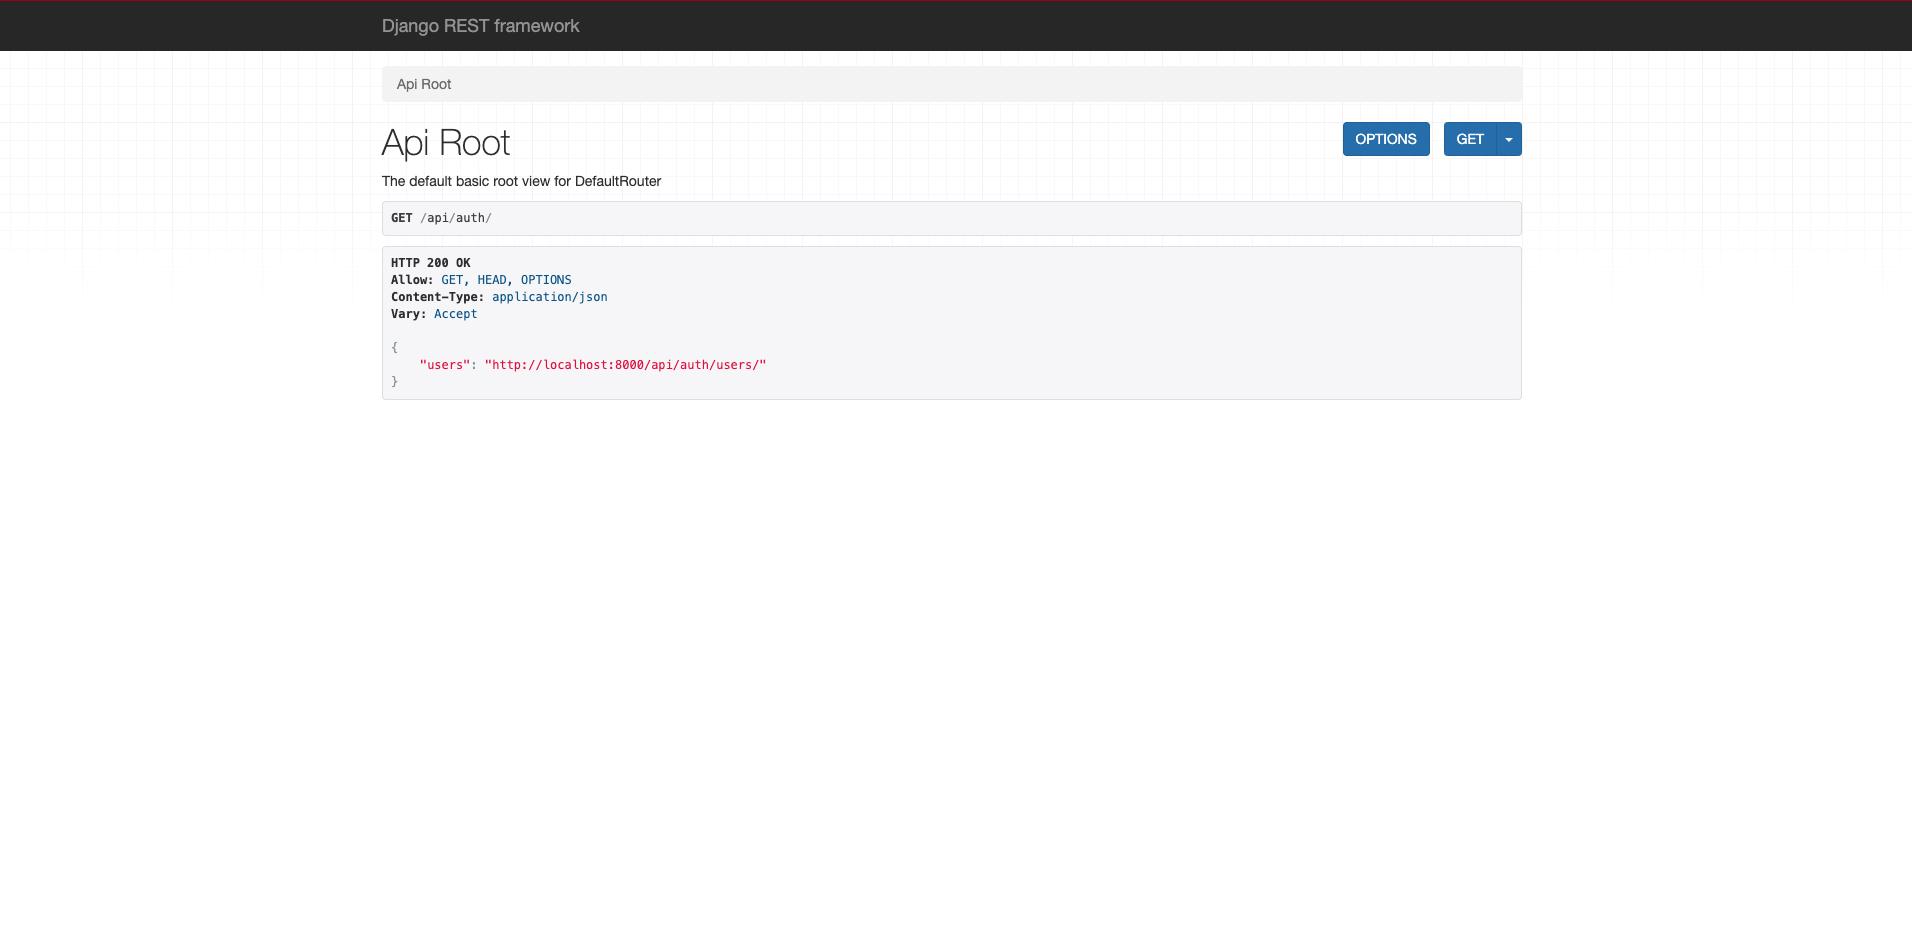 スクリーンショット 2020-04-21 0.41.16.png